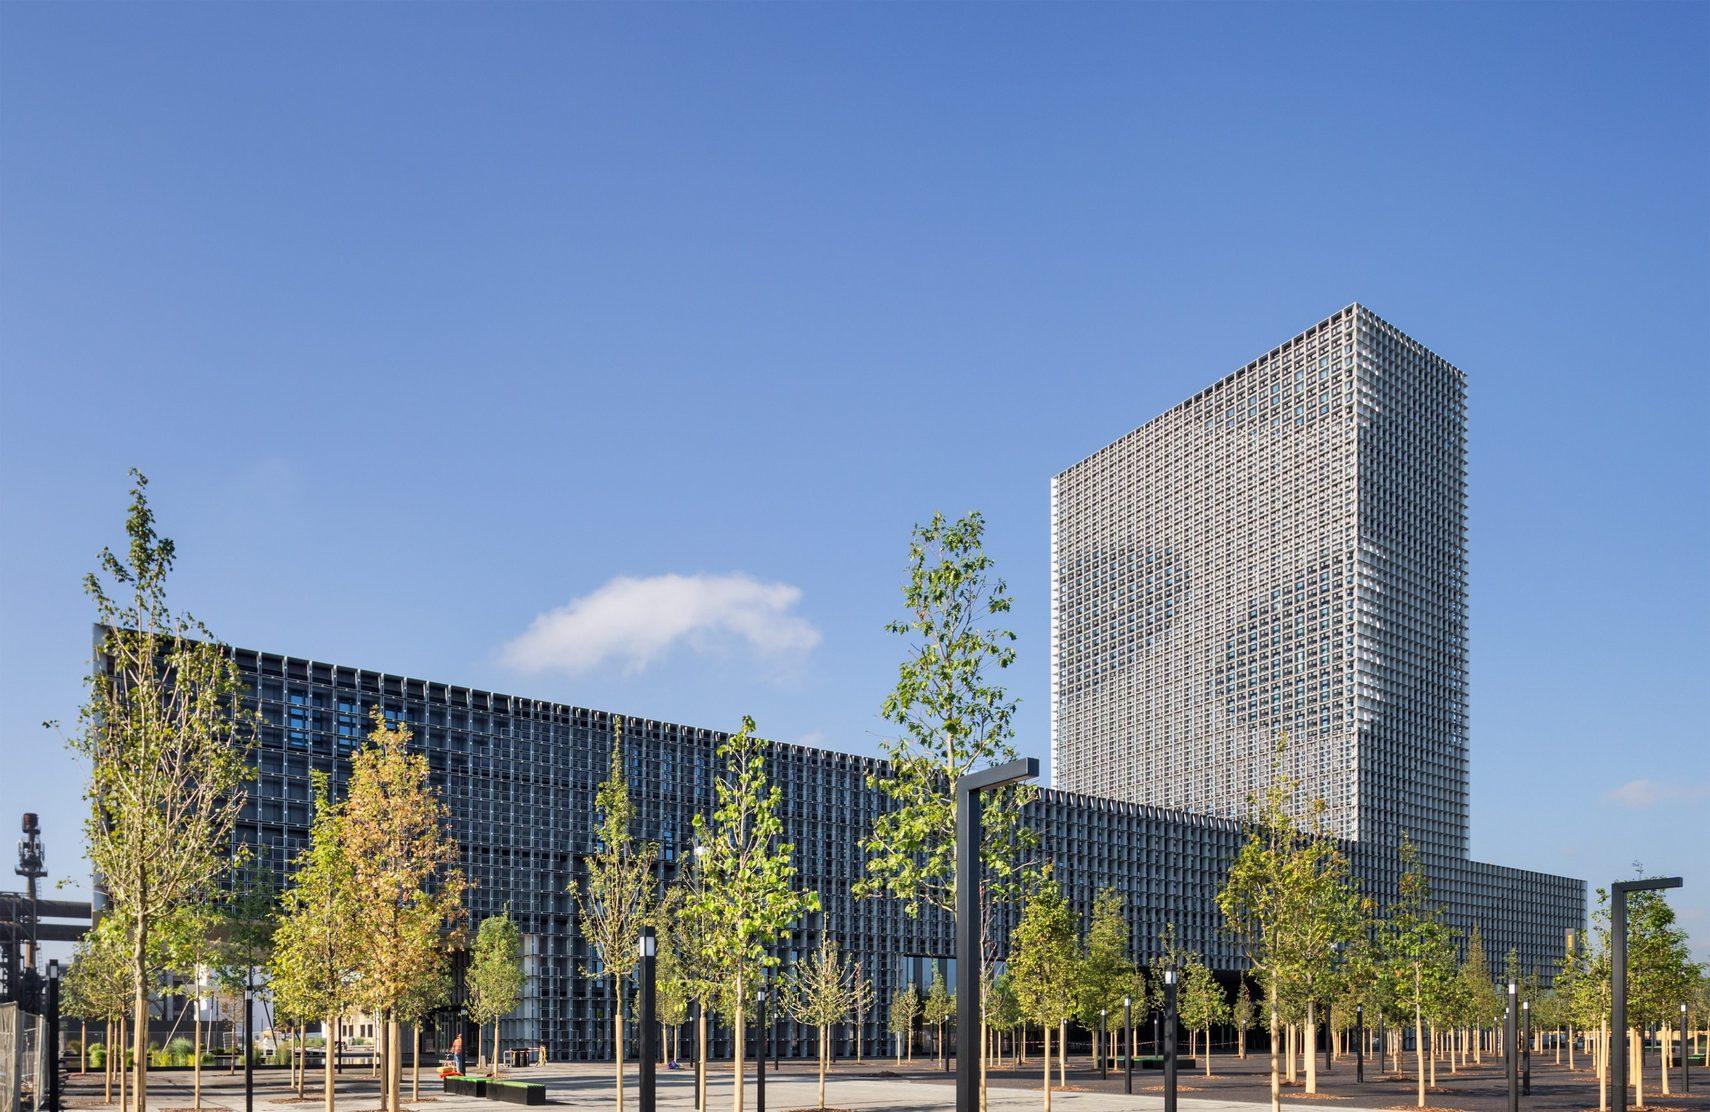 Universit tsgeb ude la maison du savoir baumschlager eberle architekten - Architekten luxemburg ...